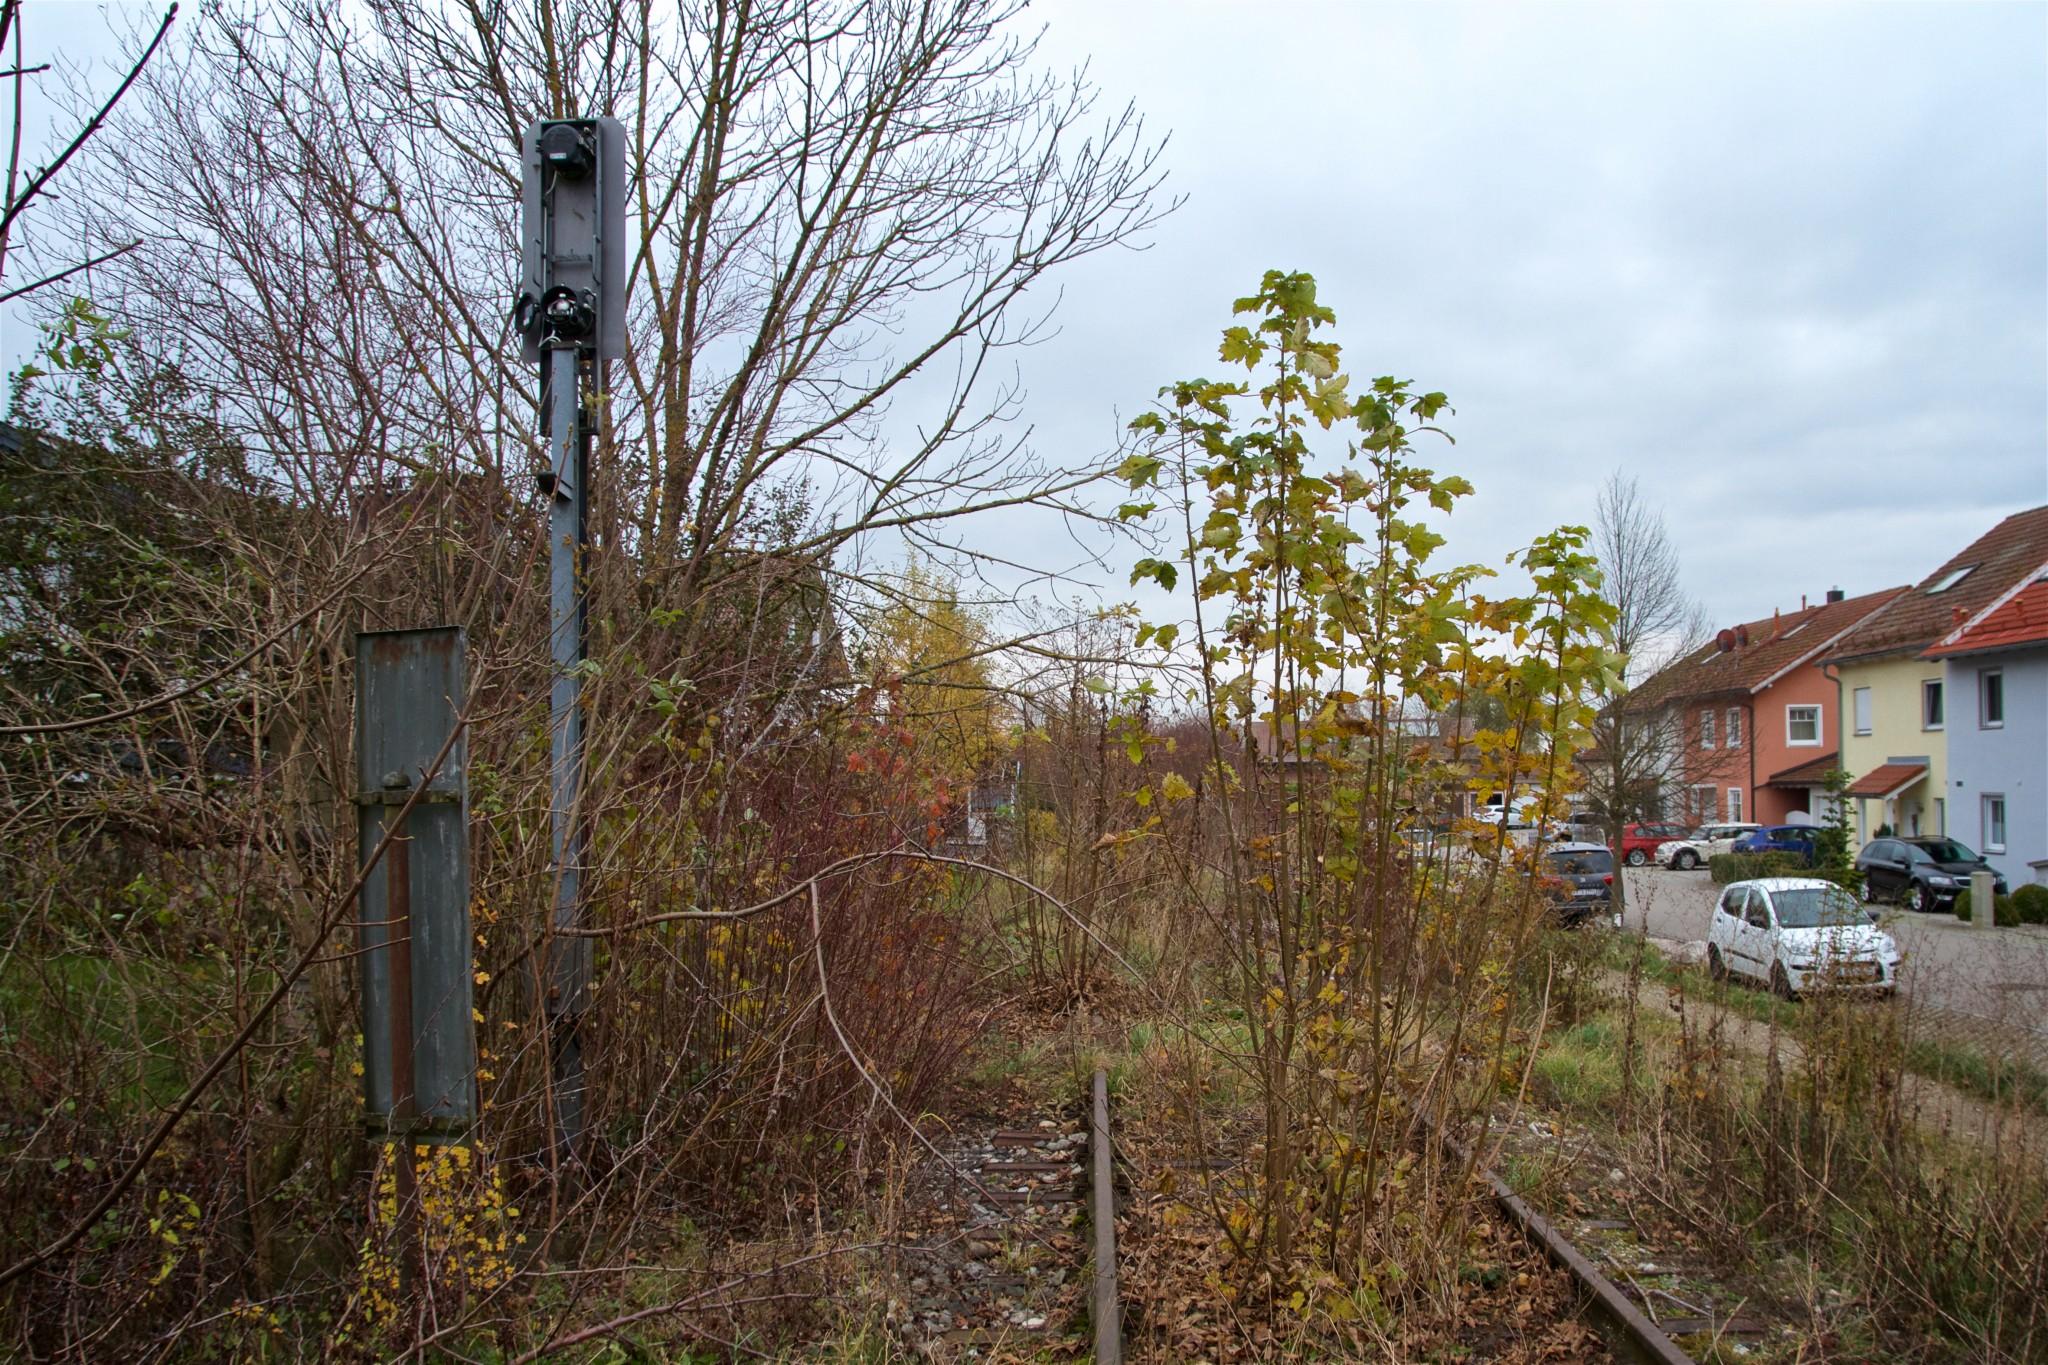 Streckendetail an der Erlenstraße